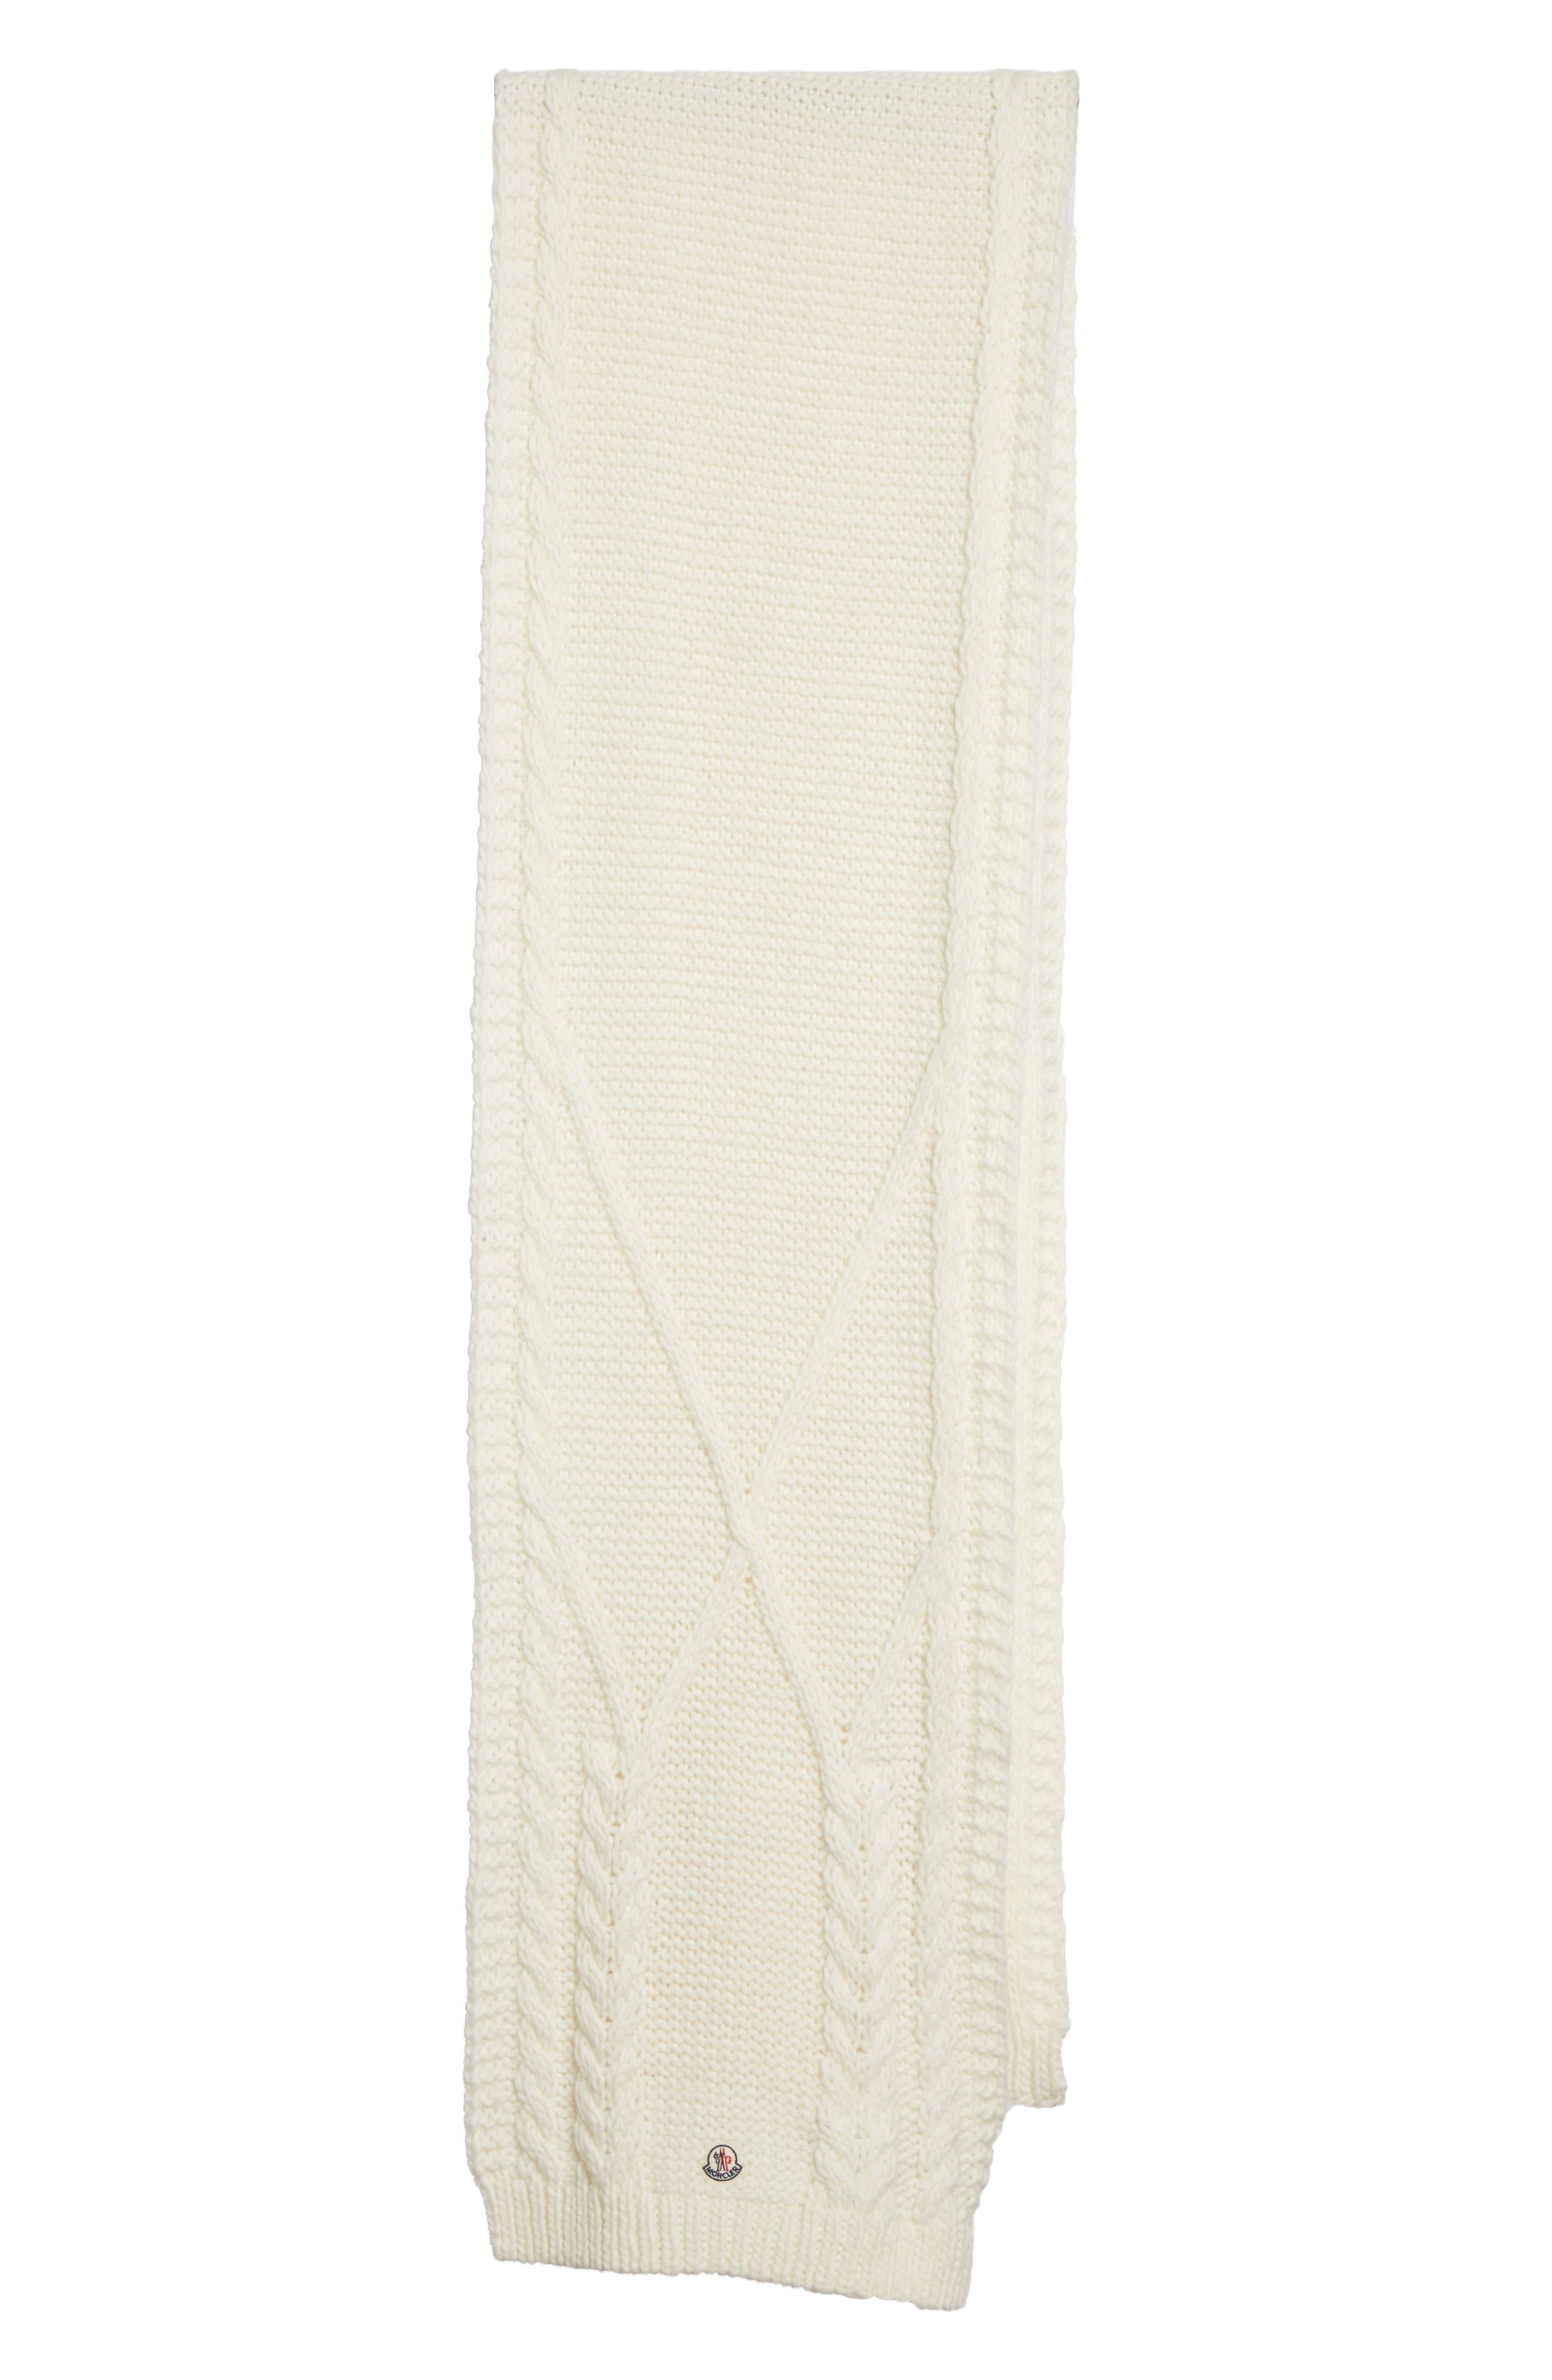 Main Image - Moncler Scarpa Wool Blend Scarf